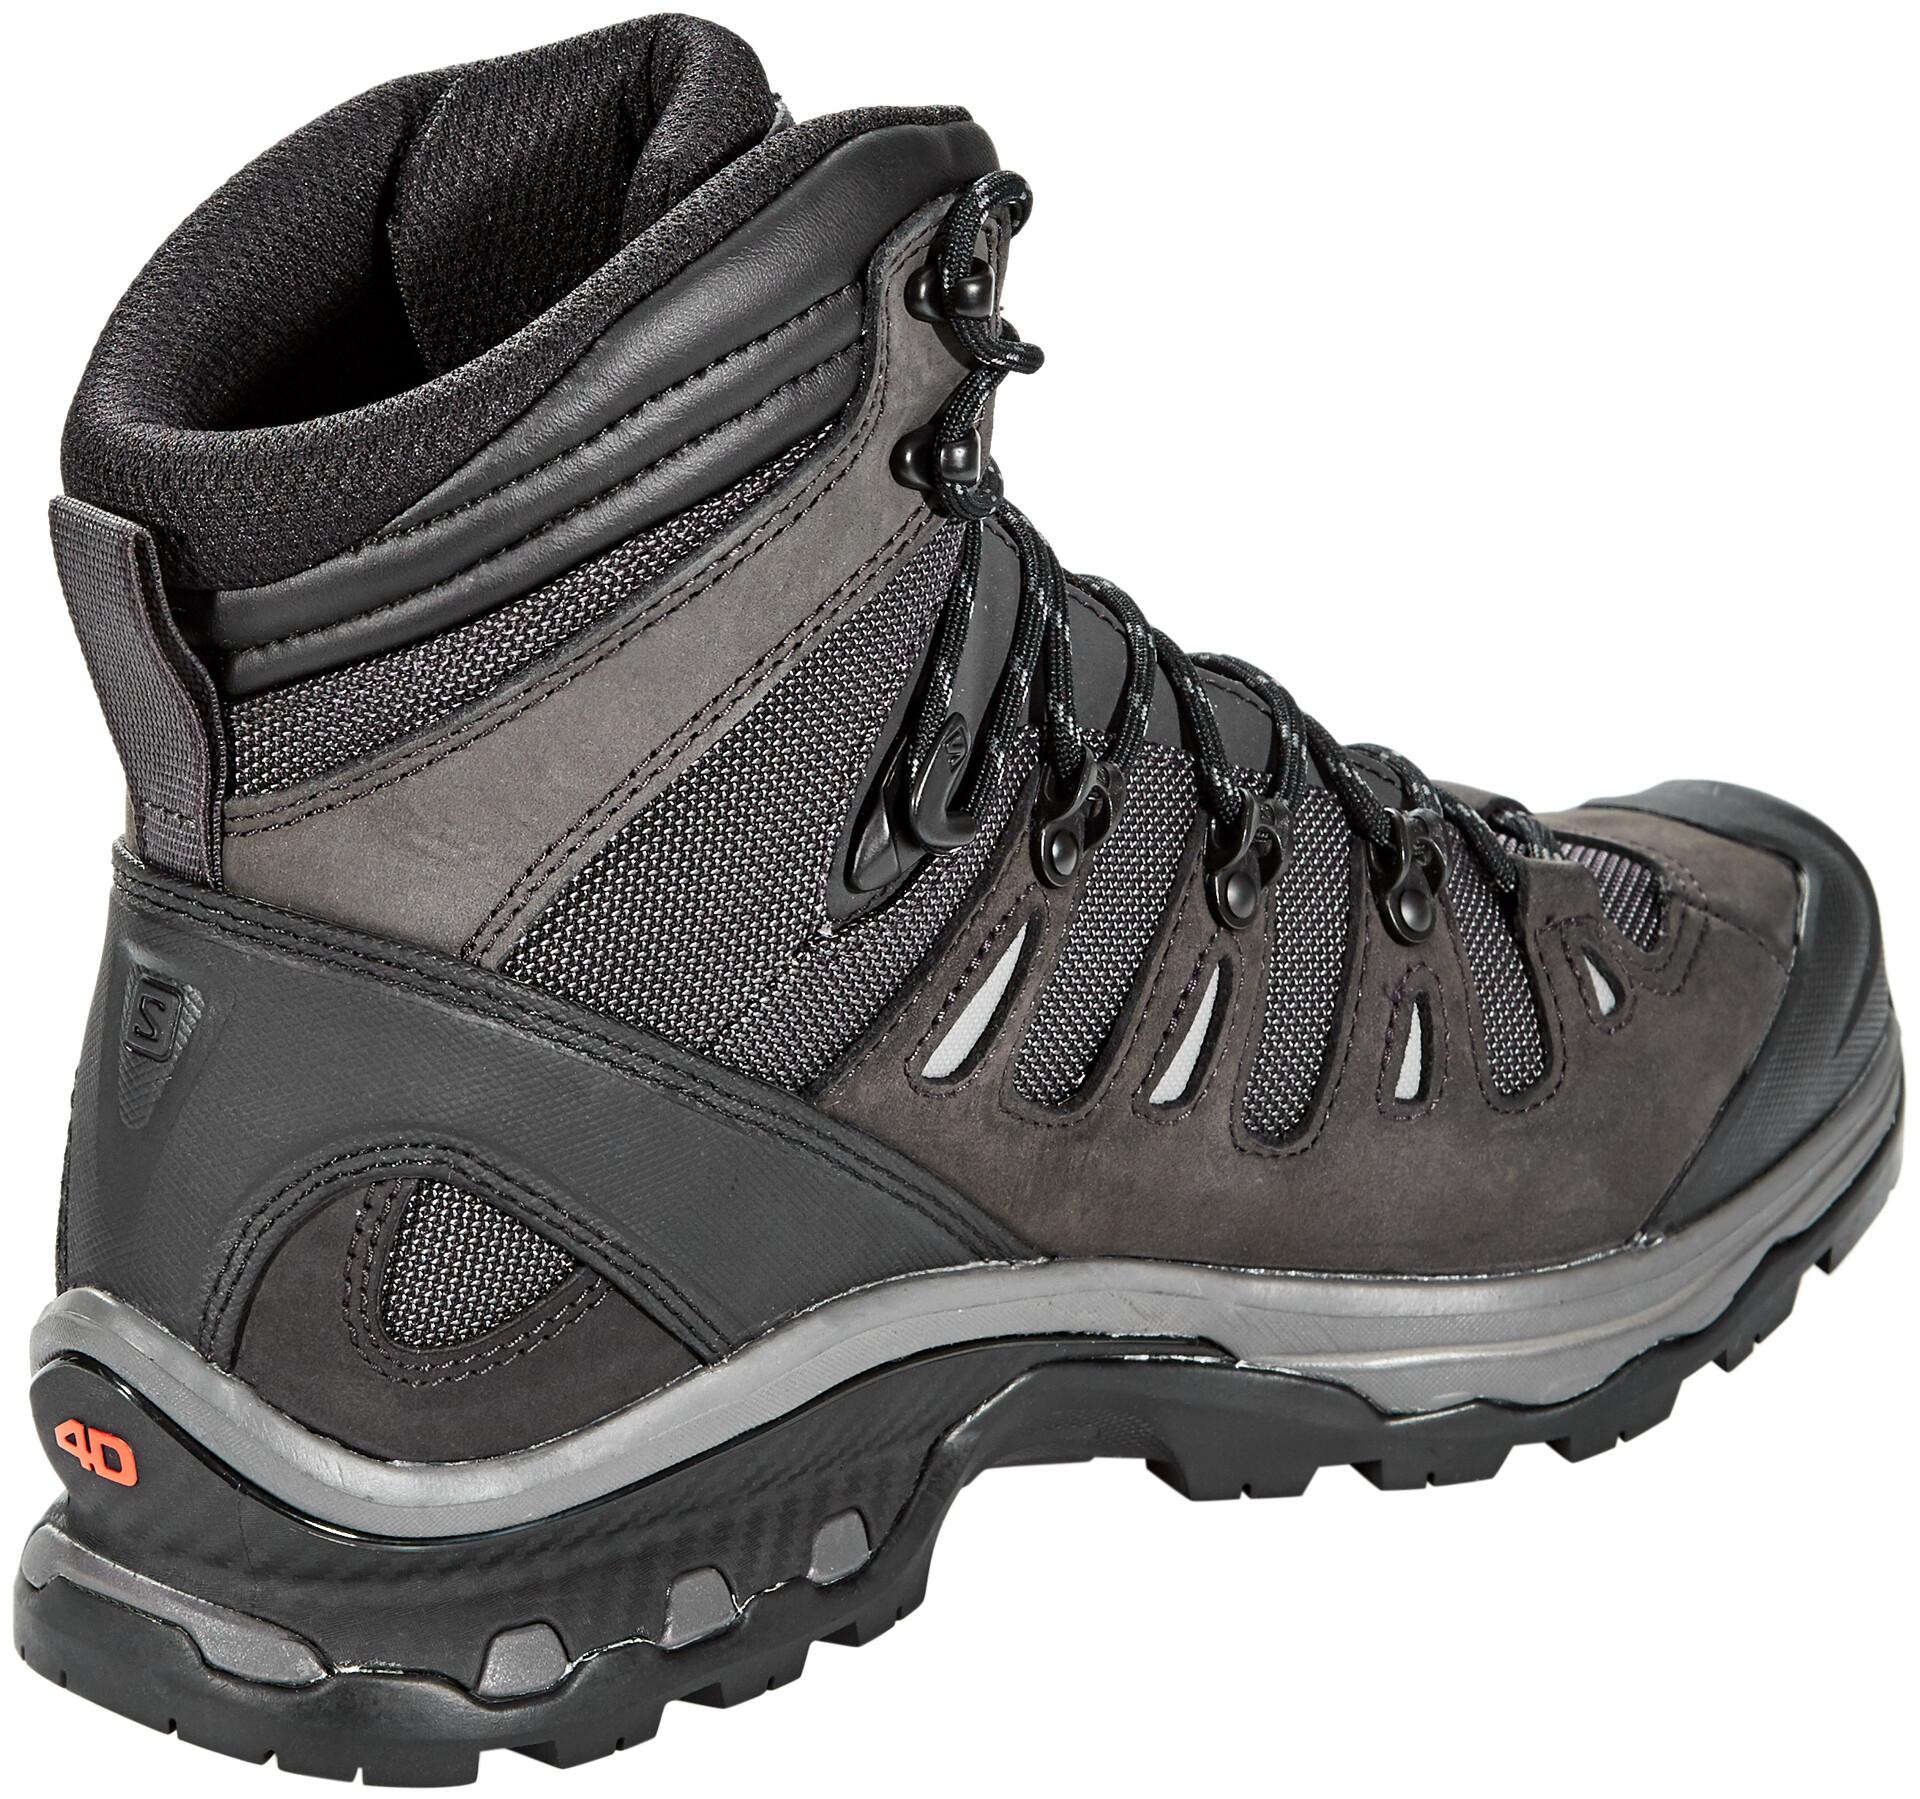 salomon quest 4d 3 gtx hiking boots Sale,up to 56% Discounts